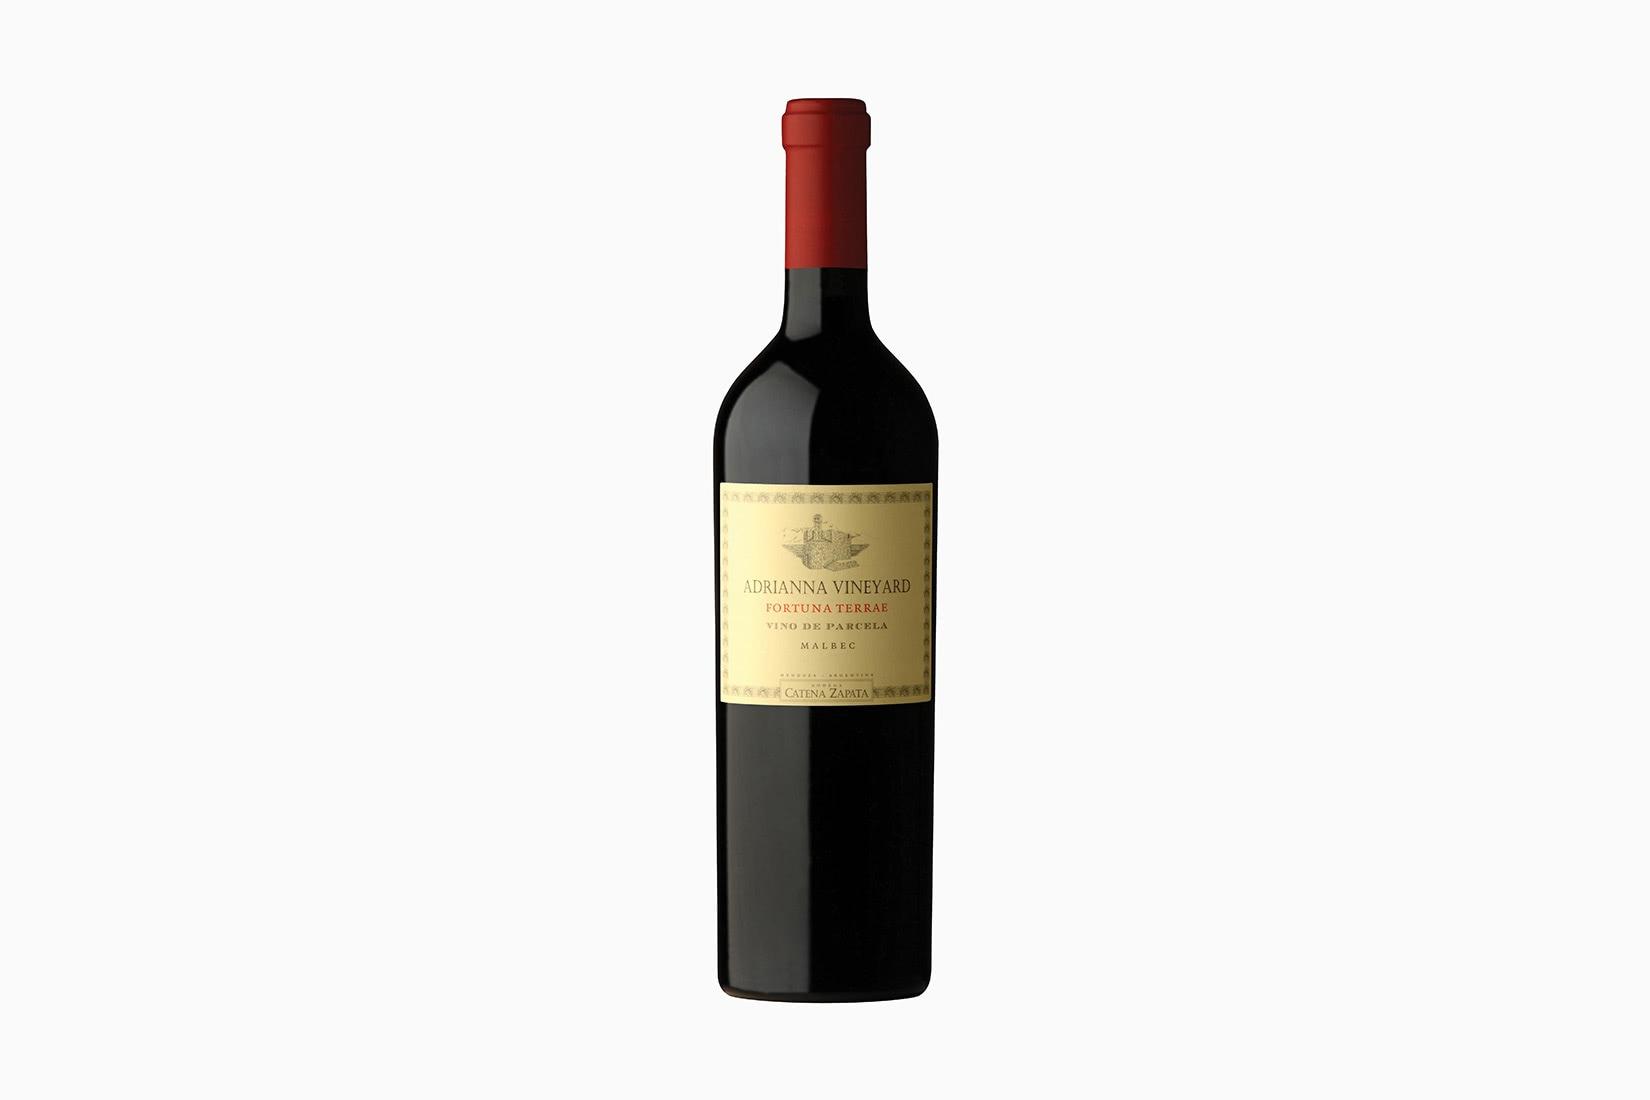 best wine adrianna vineyard - Luxe Digital